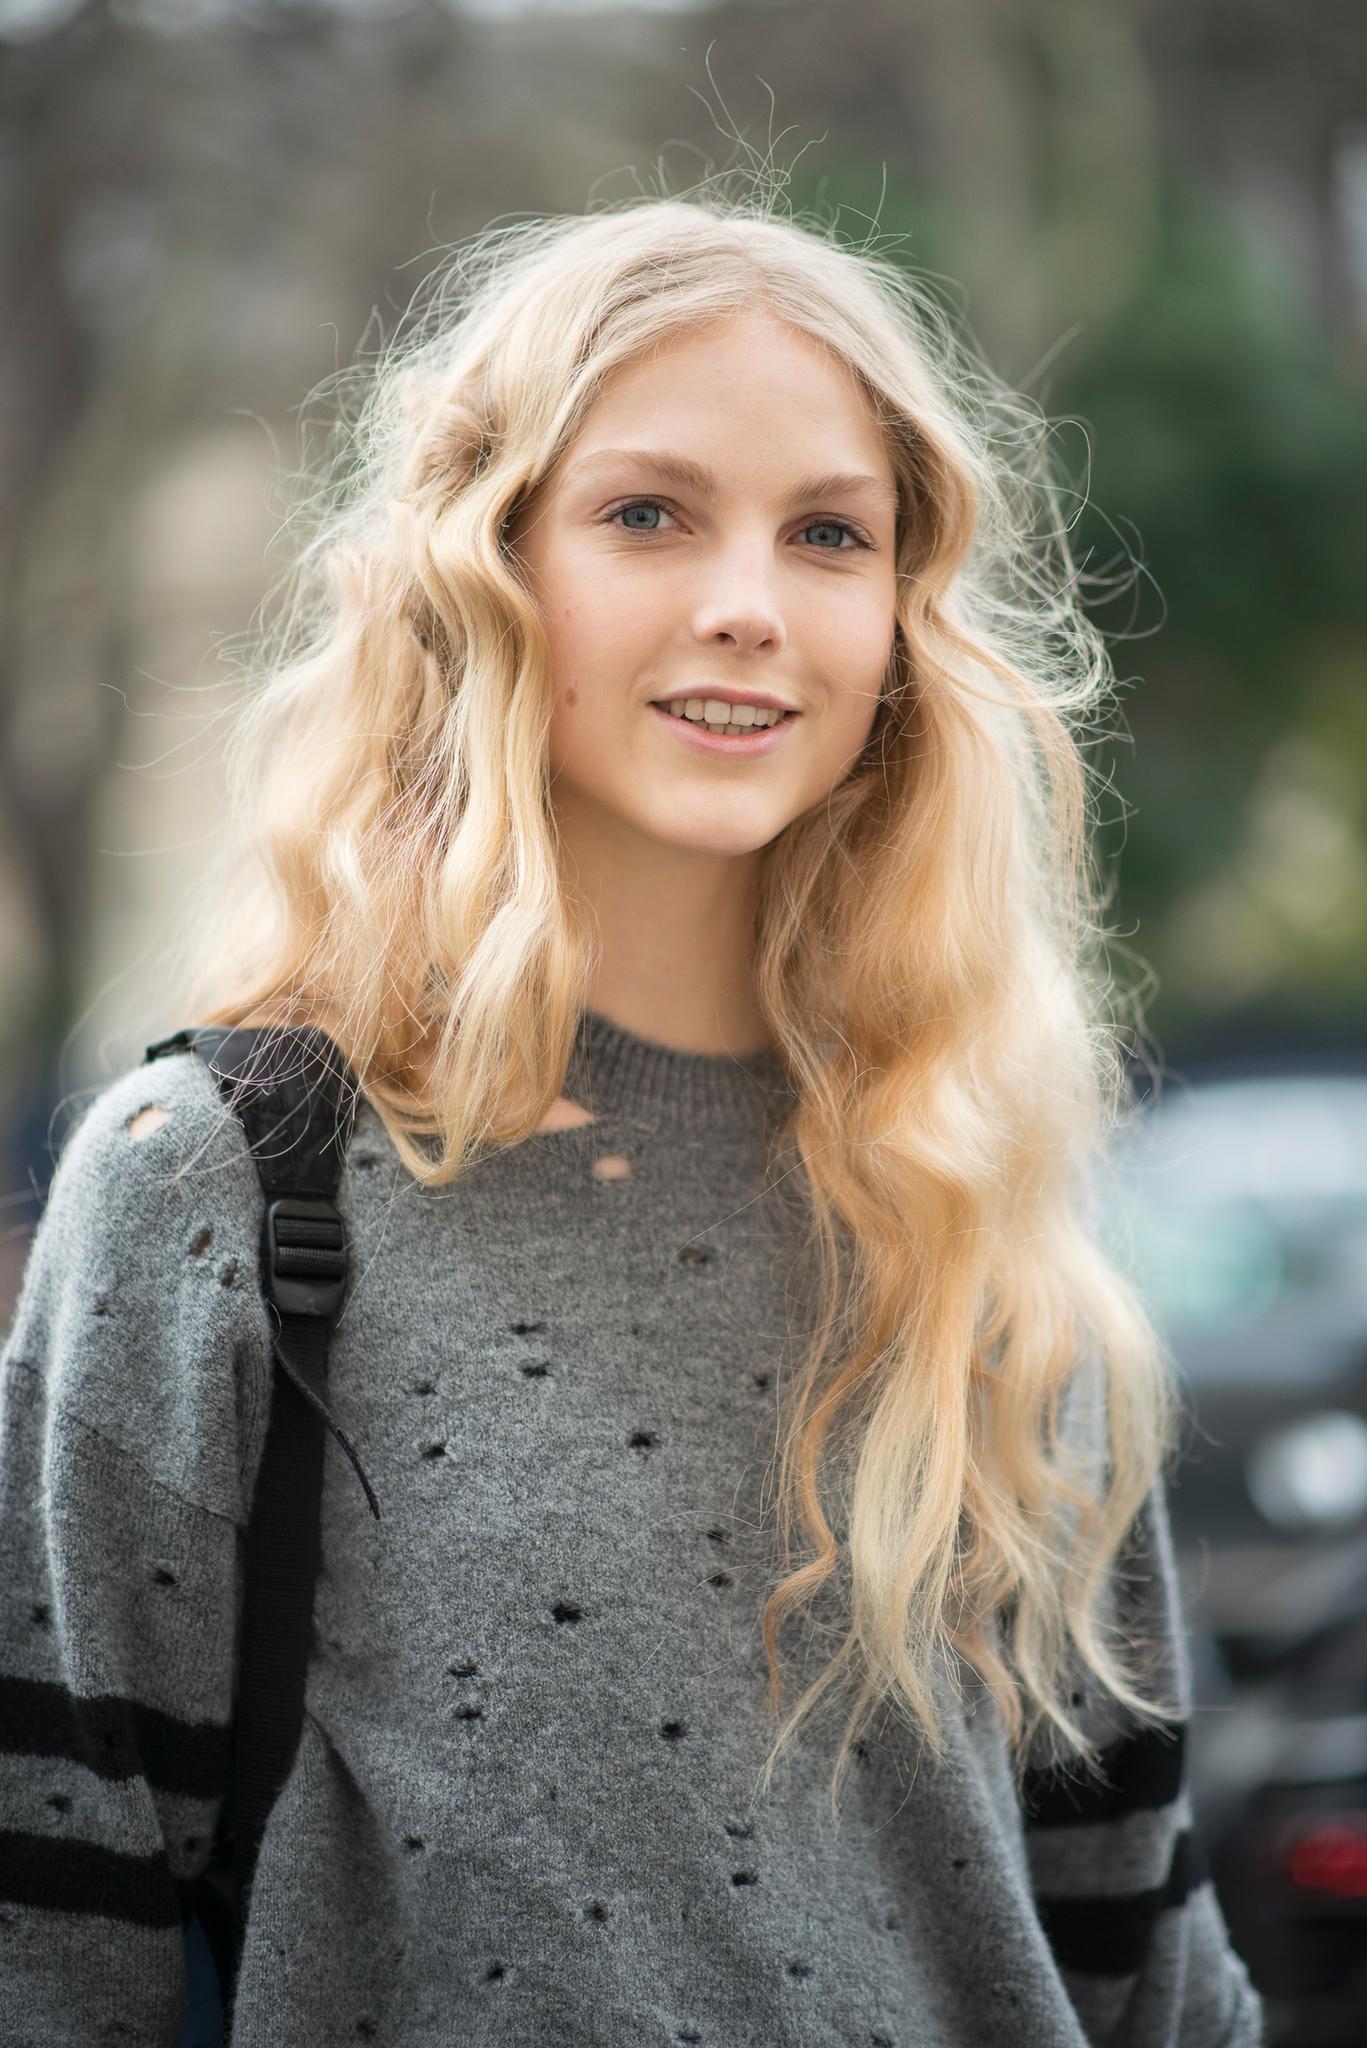 mädchen mit blonden haaren